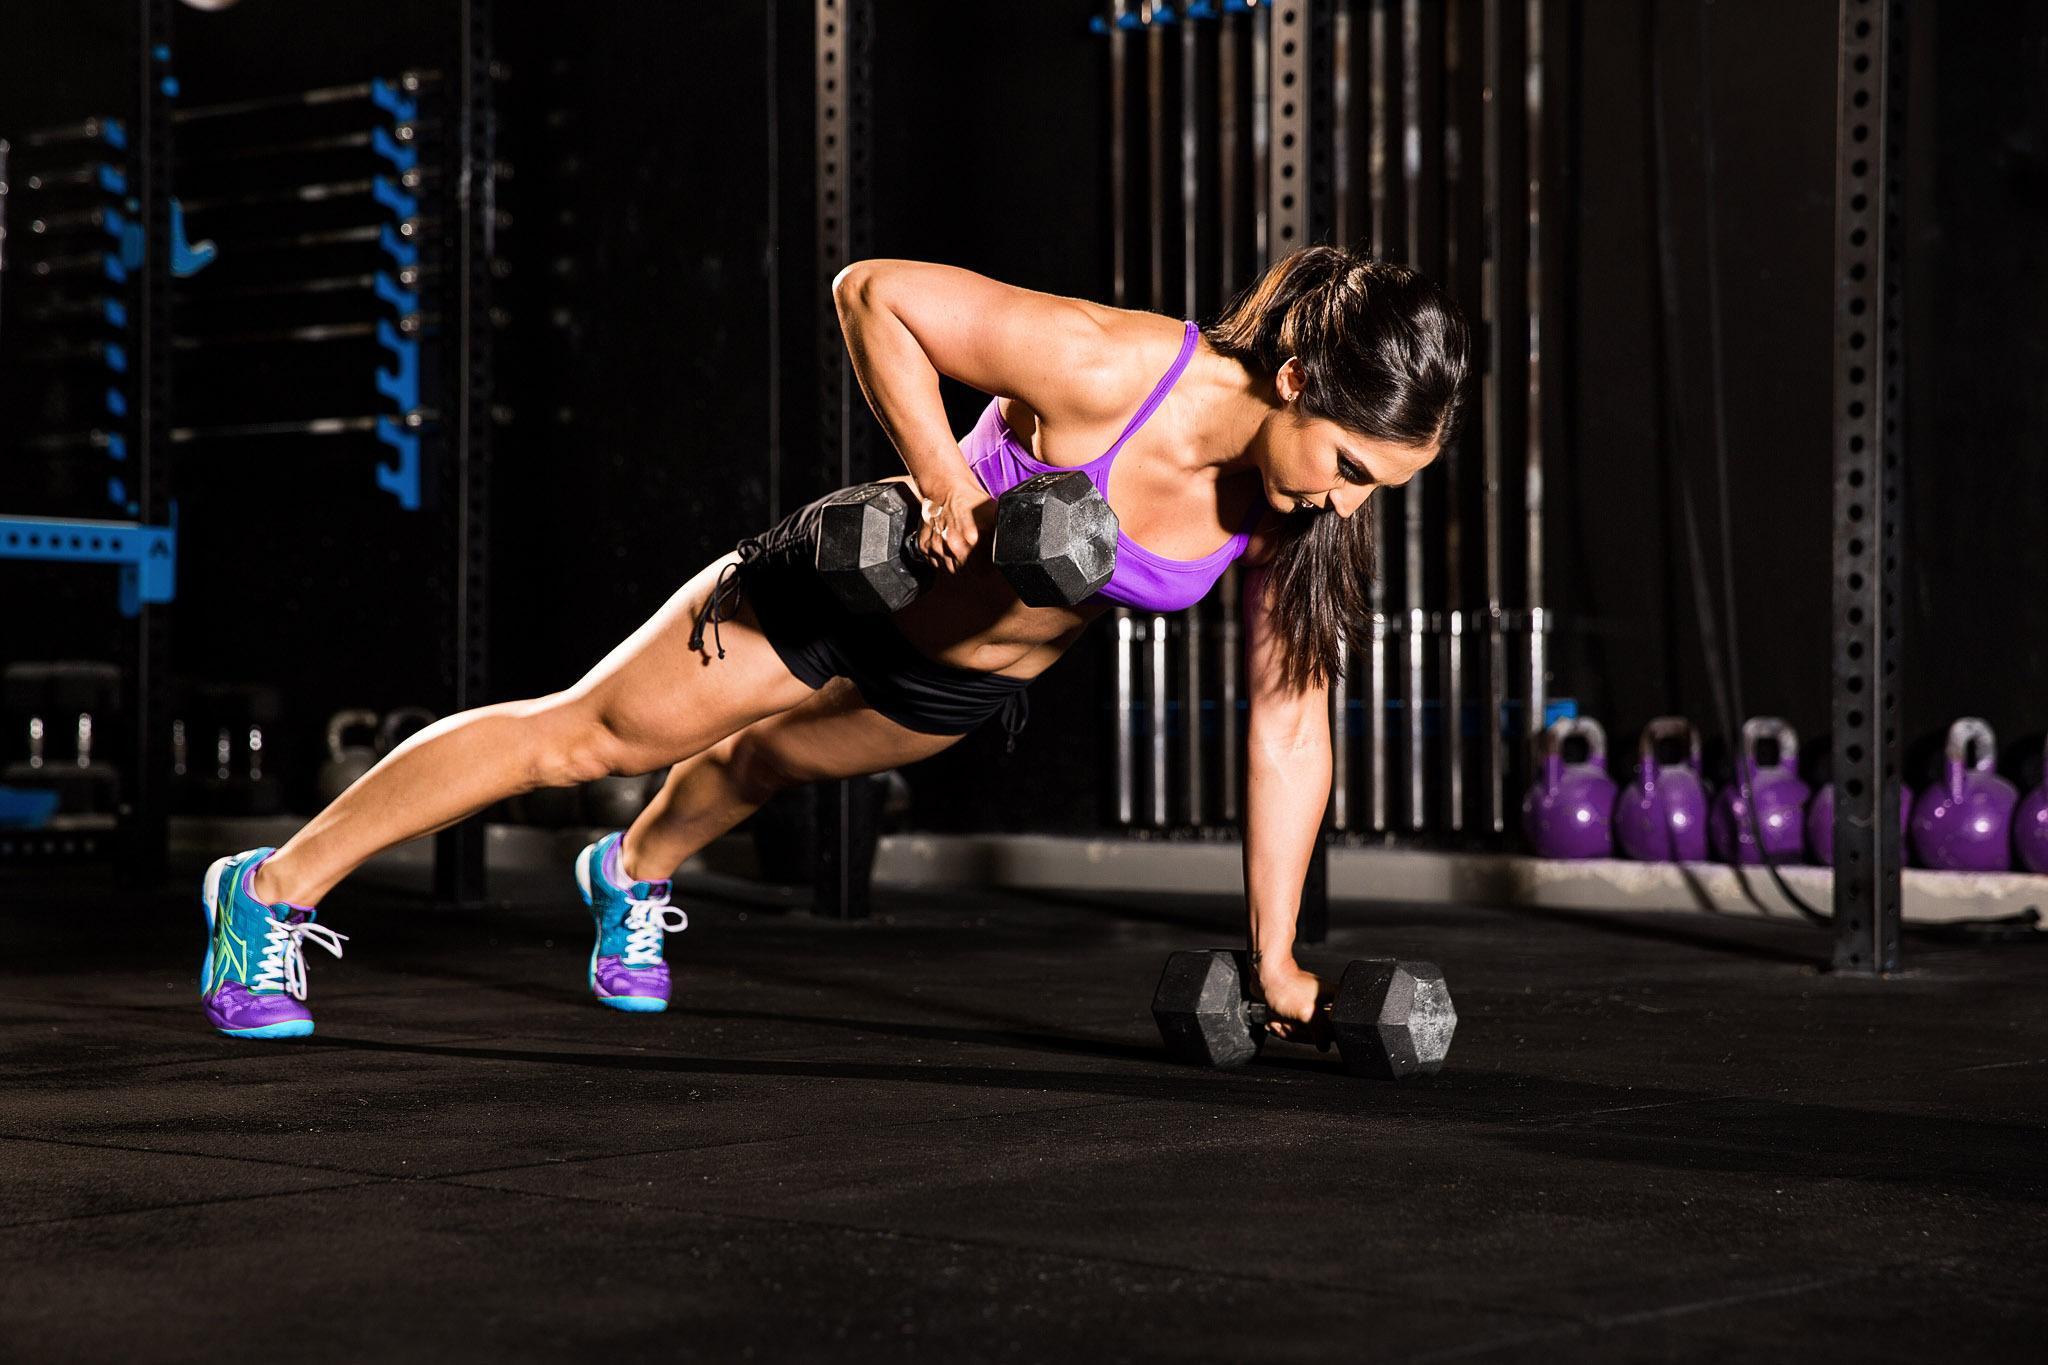 Функциональный тренинг: что это, особенности, программа упражнений для мужчин и женщин в спортзале и дома